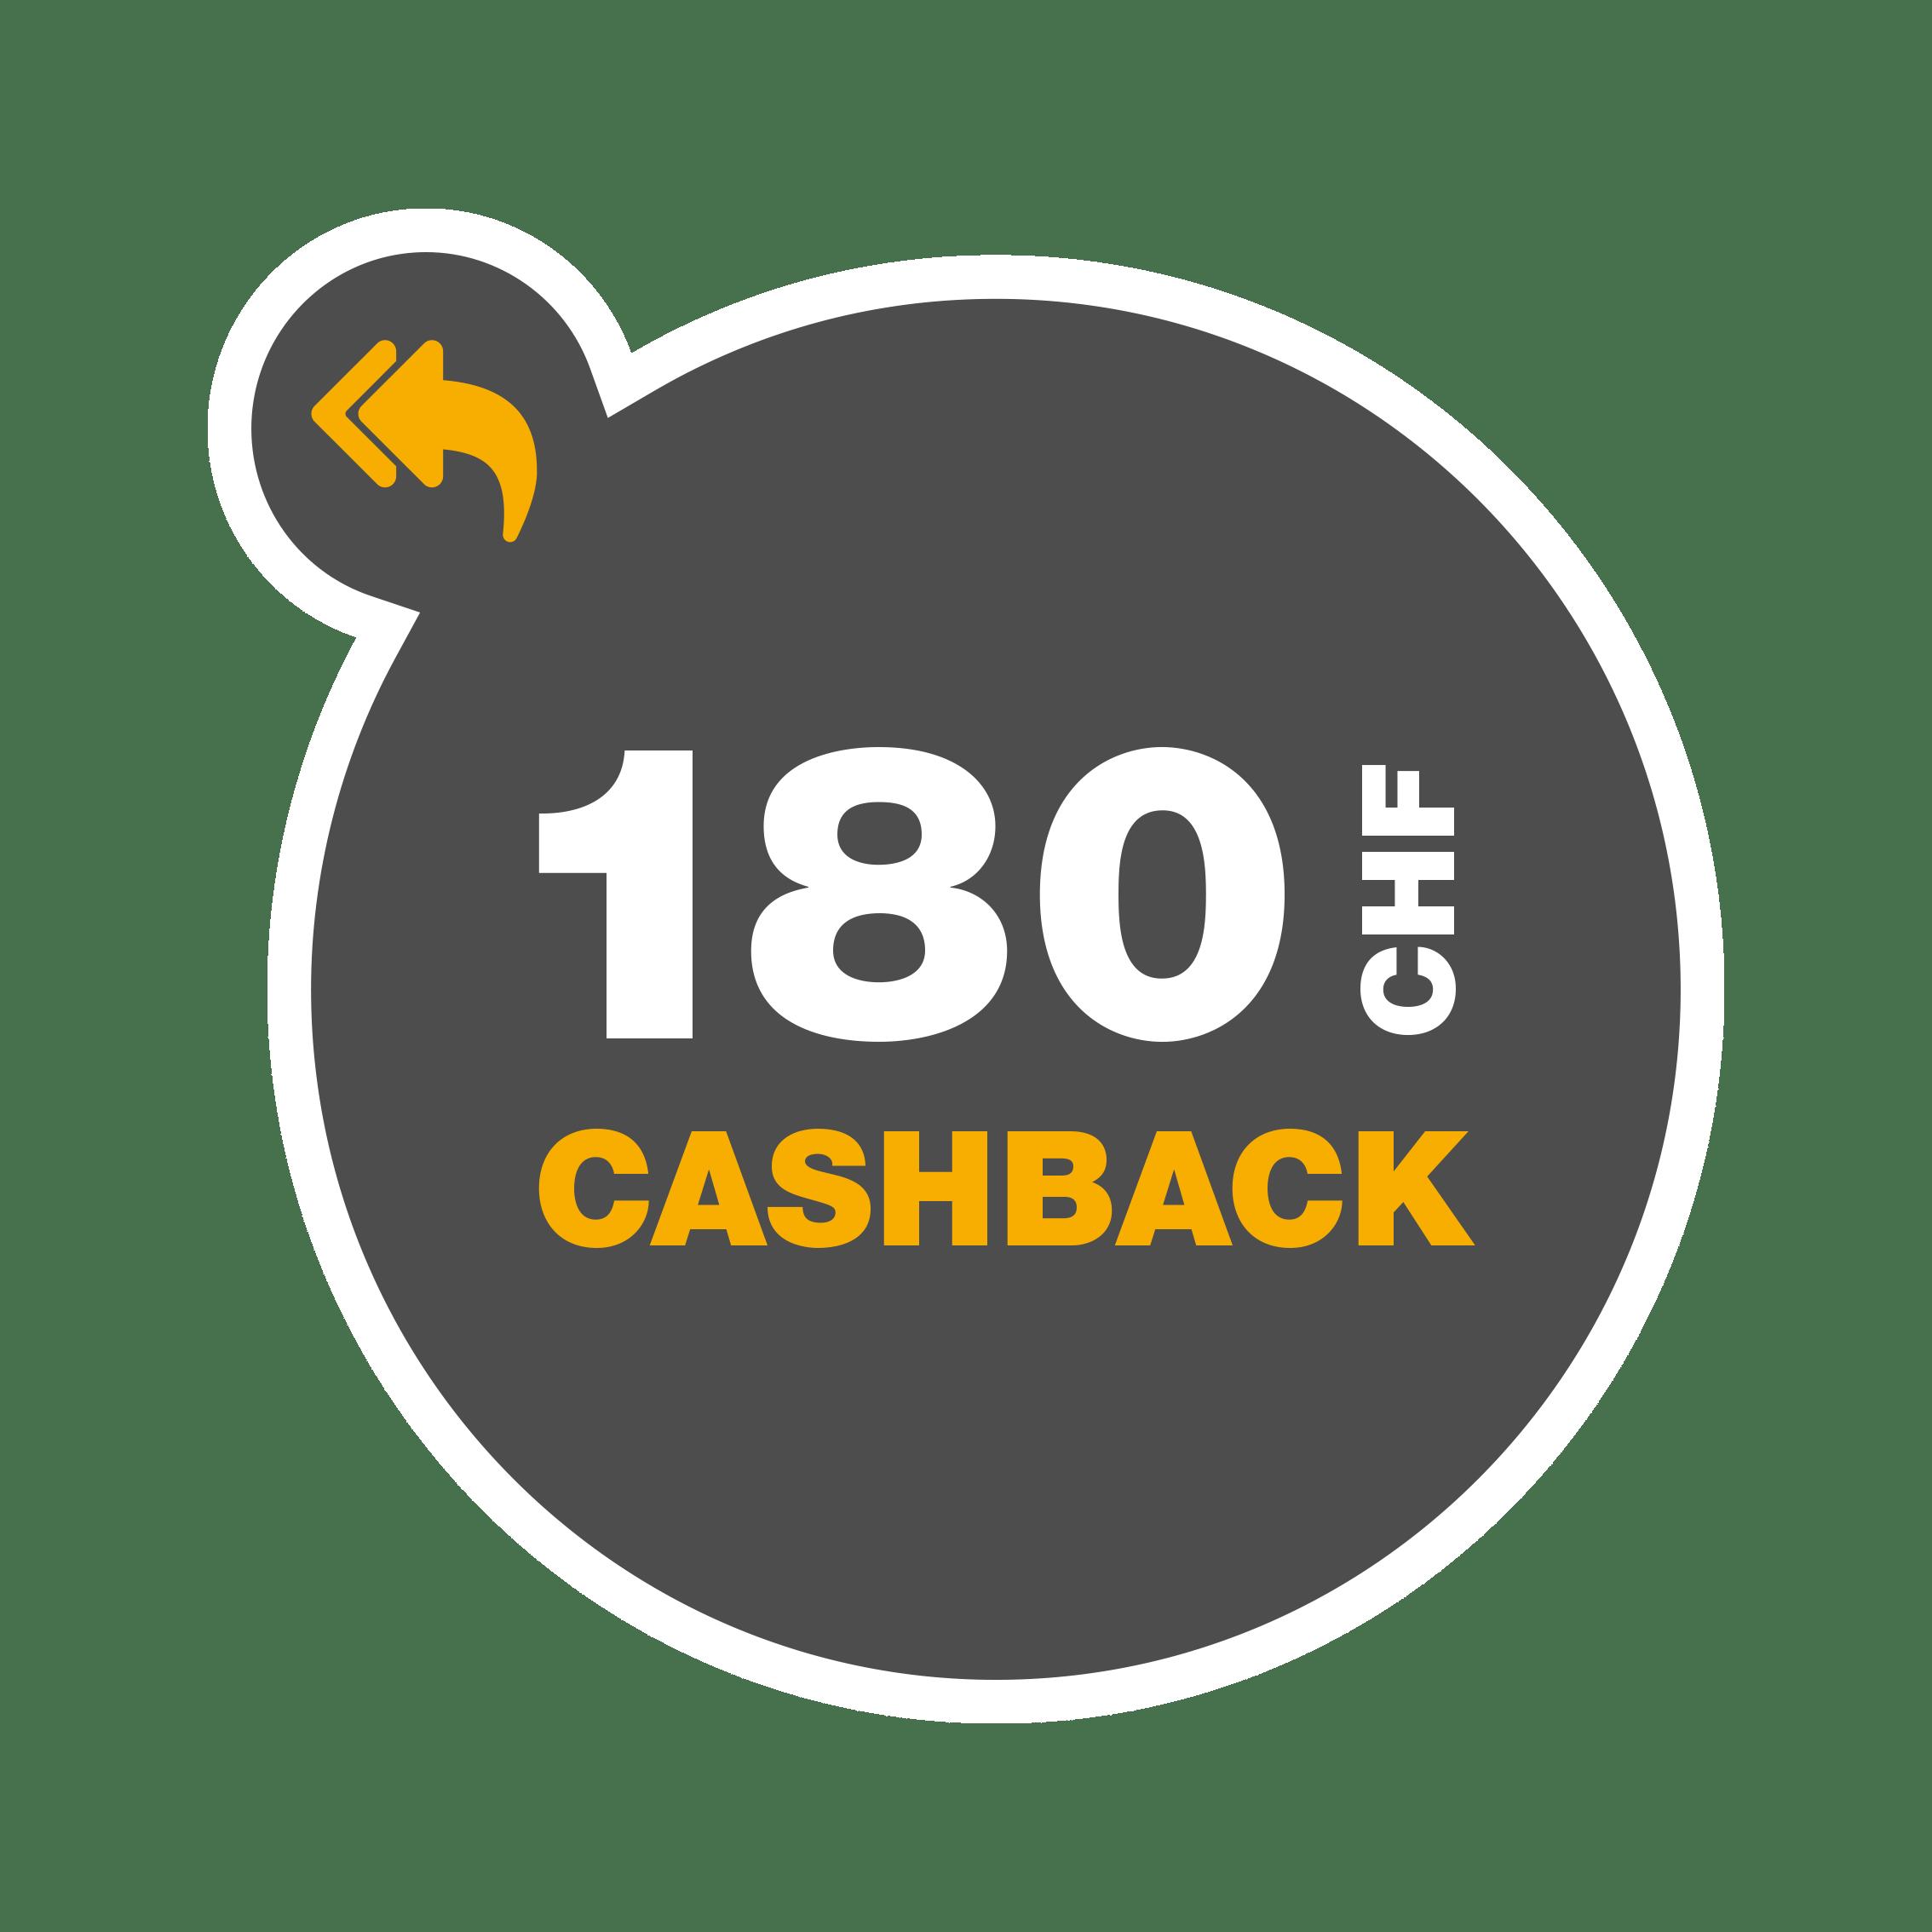 Cashback_CHF180